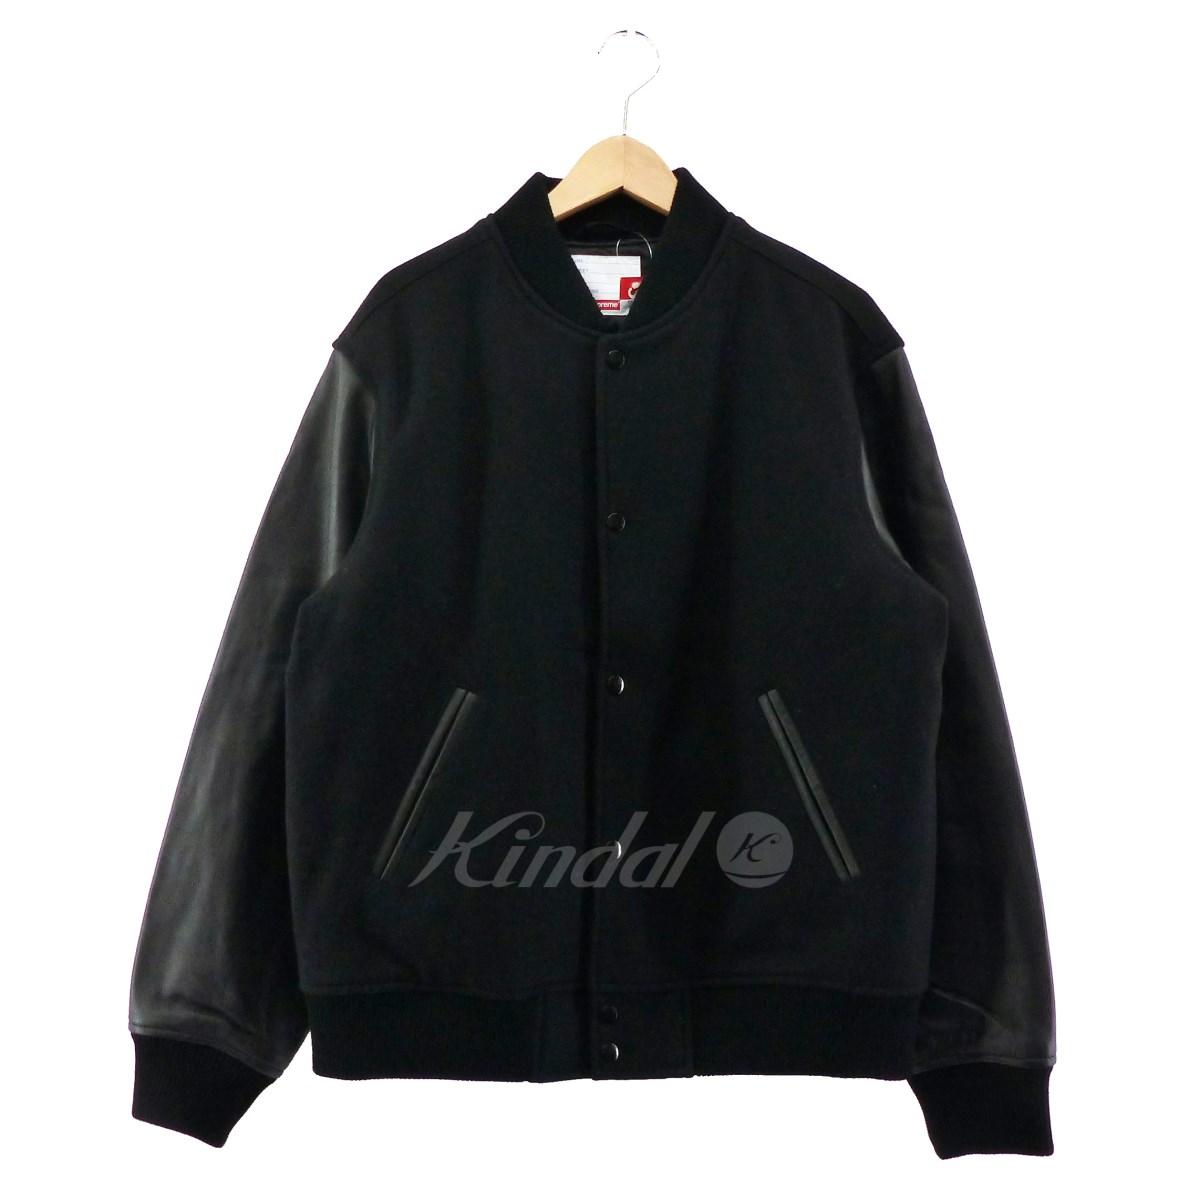 【中古】SUPREME 2018AW Motion Logo Varstity Jacket ブラック サイズ:M 【送料無料】 【140319】(シュプリーム)